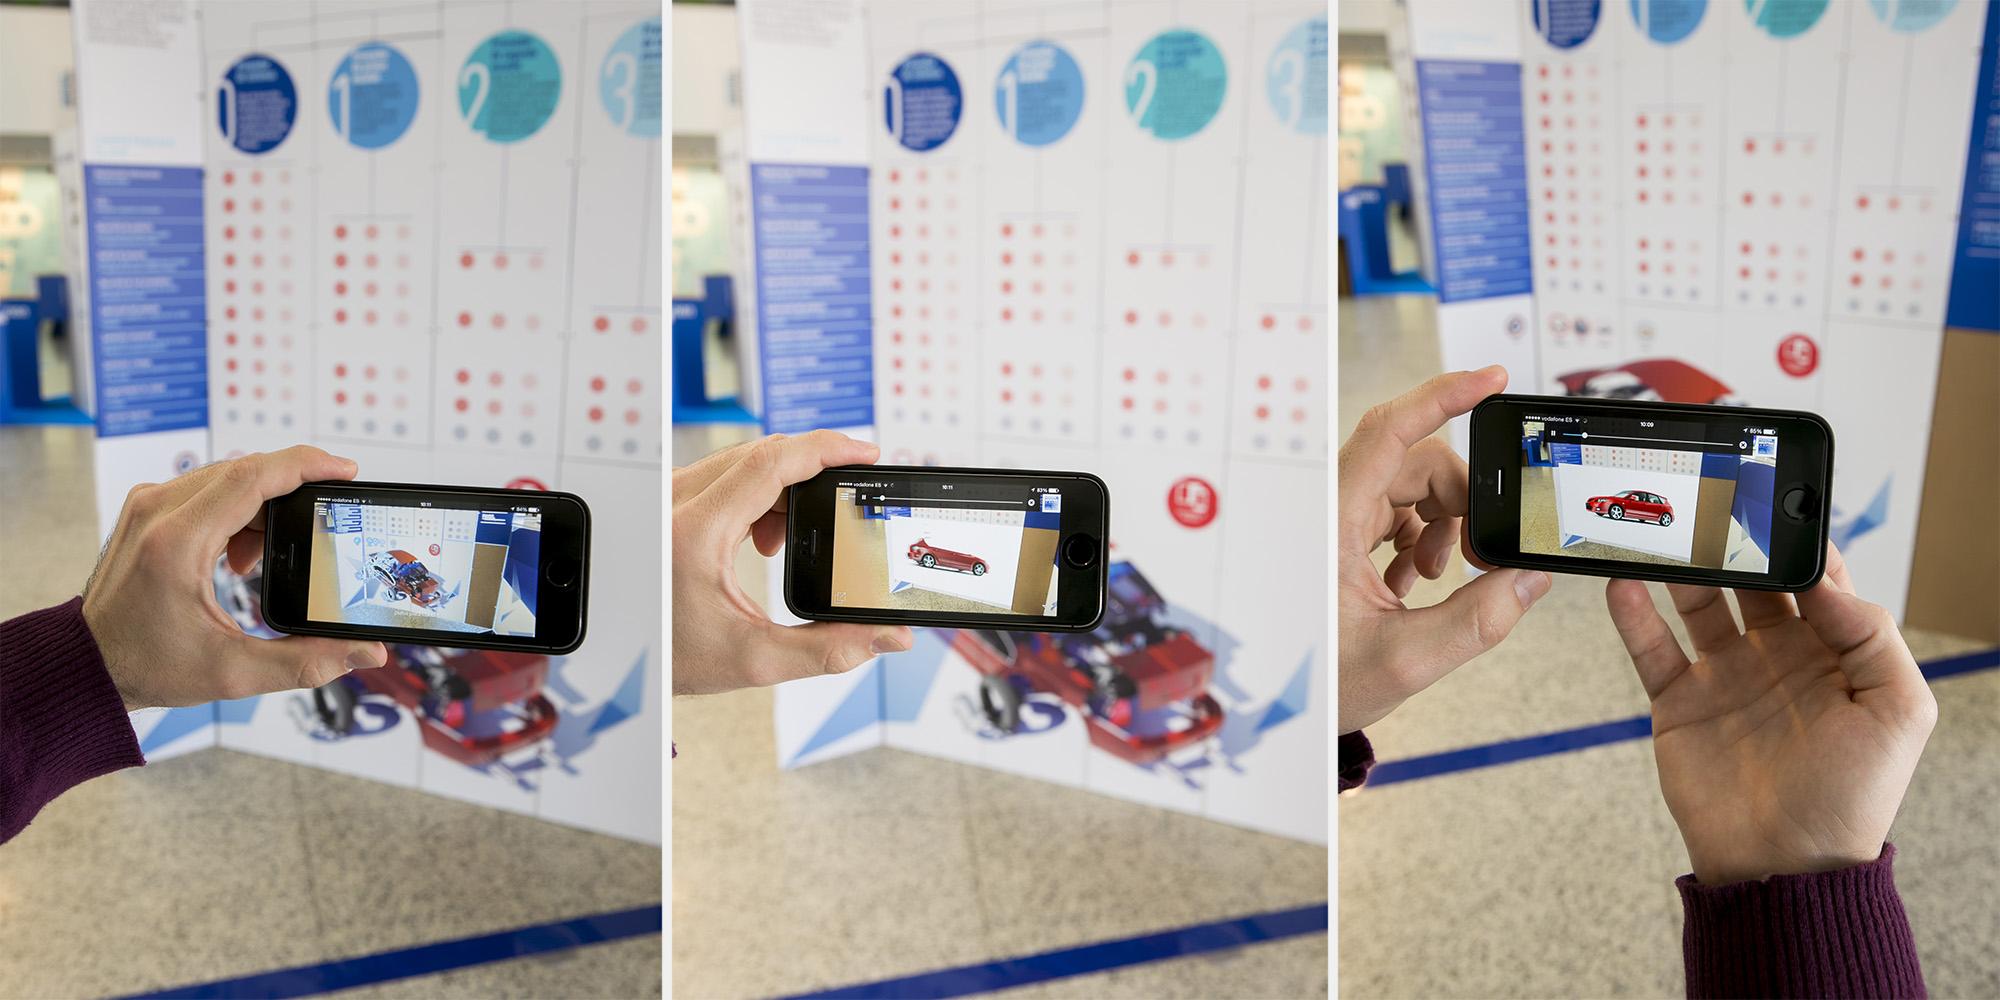 Muestra Industrial de Burgos 19/22 Noviembre 2014 Proyecto de Diseño y Gestión de o2studio Agencia de Publicidad www.o2studio.com Sistema Constructivo en Cartón Triplo* Samaruc Estudio de Diseño www.samarucestudio.com Foto Adolfo López www.fandi.es